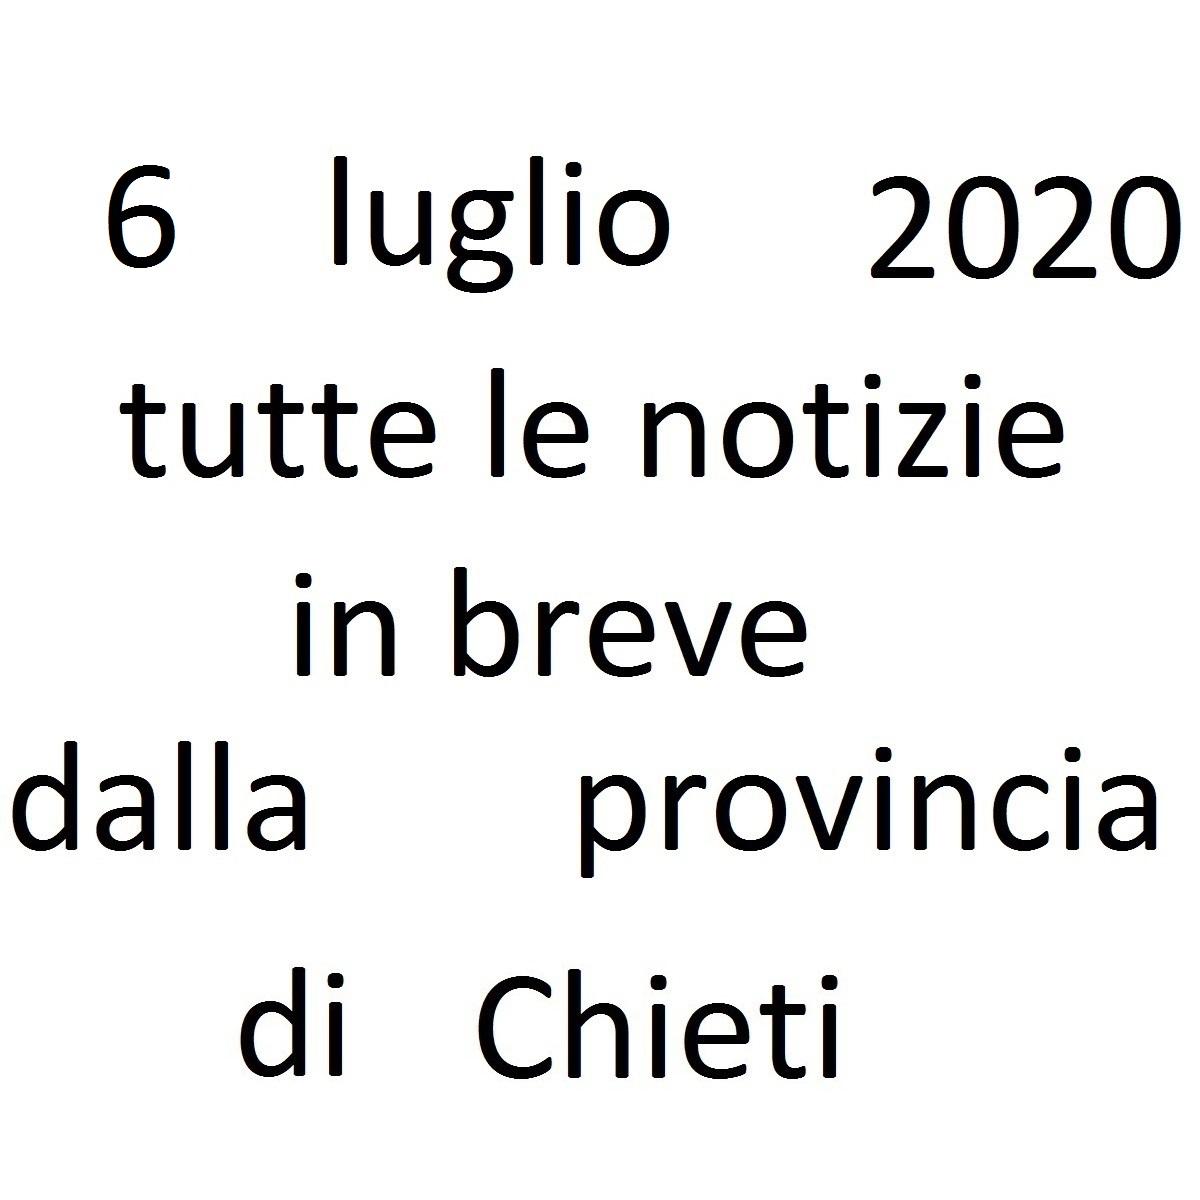 6 luglio 2020 notizie in breve dalla Provincia di Chieti foto